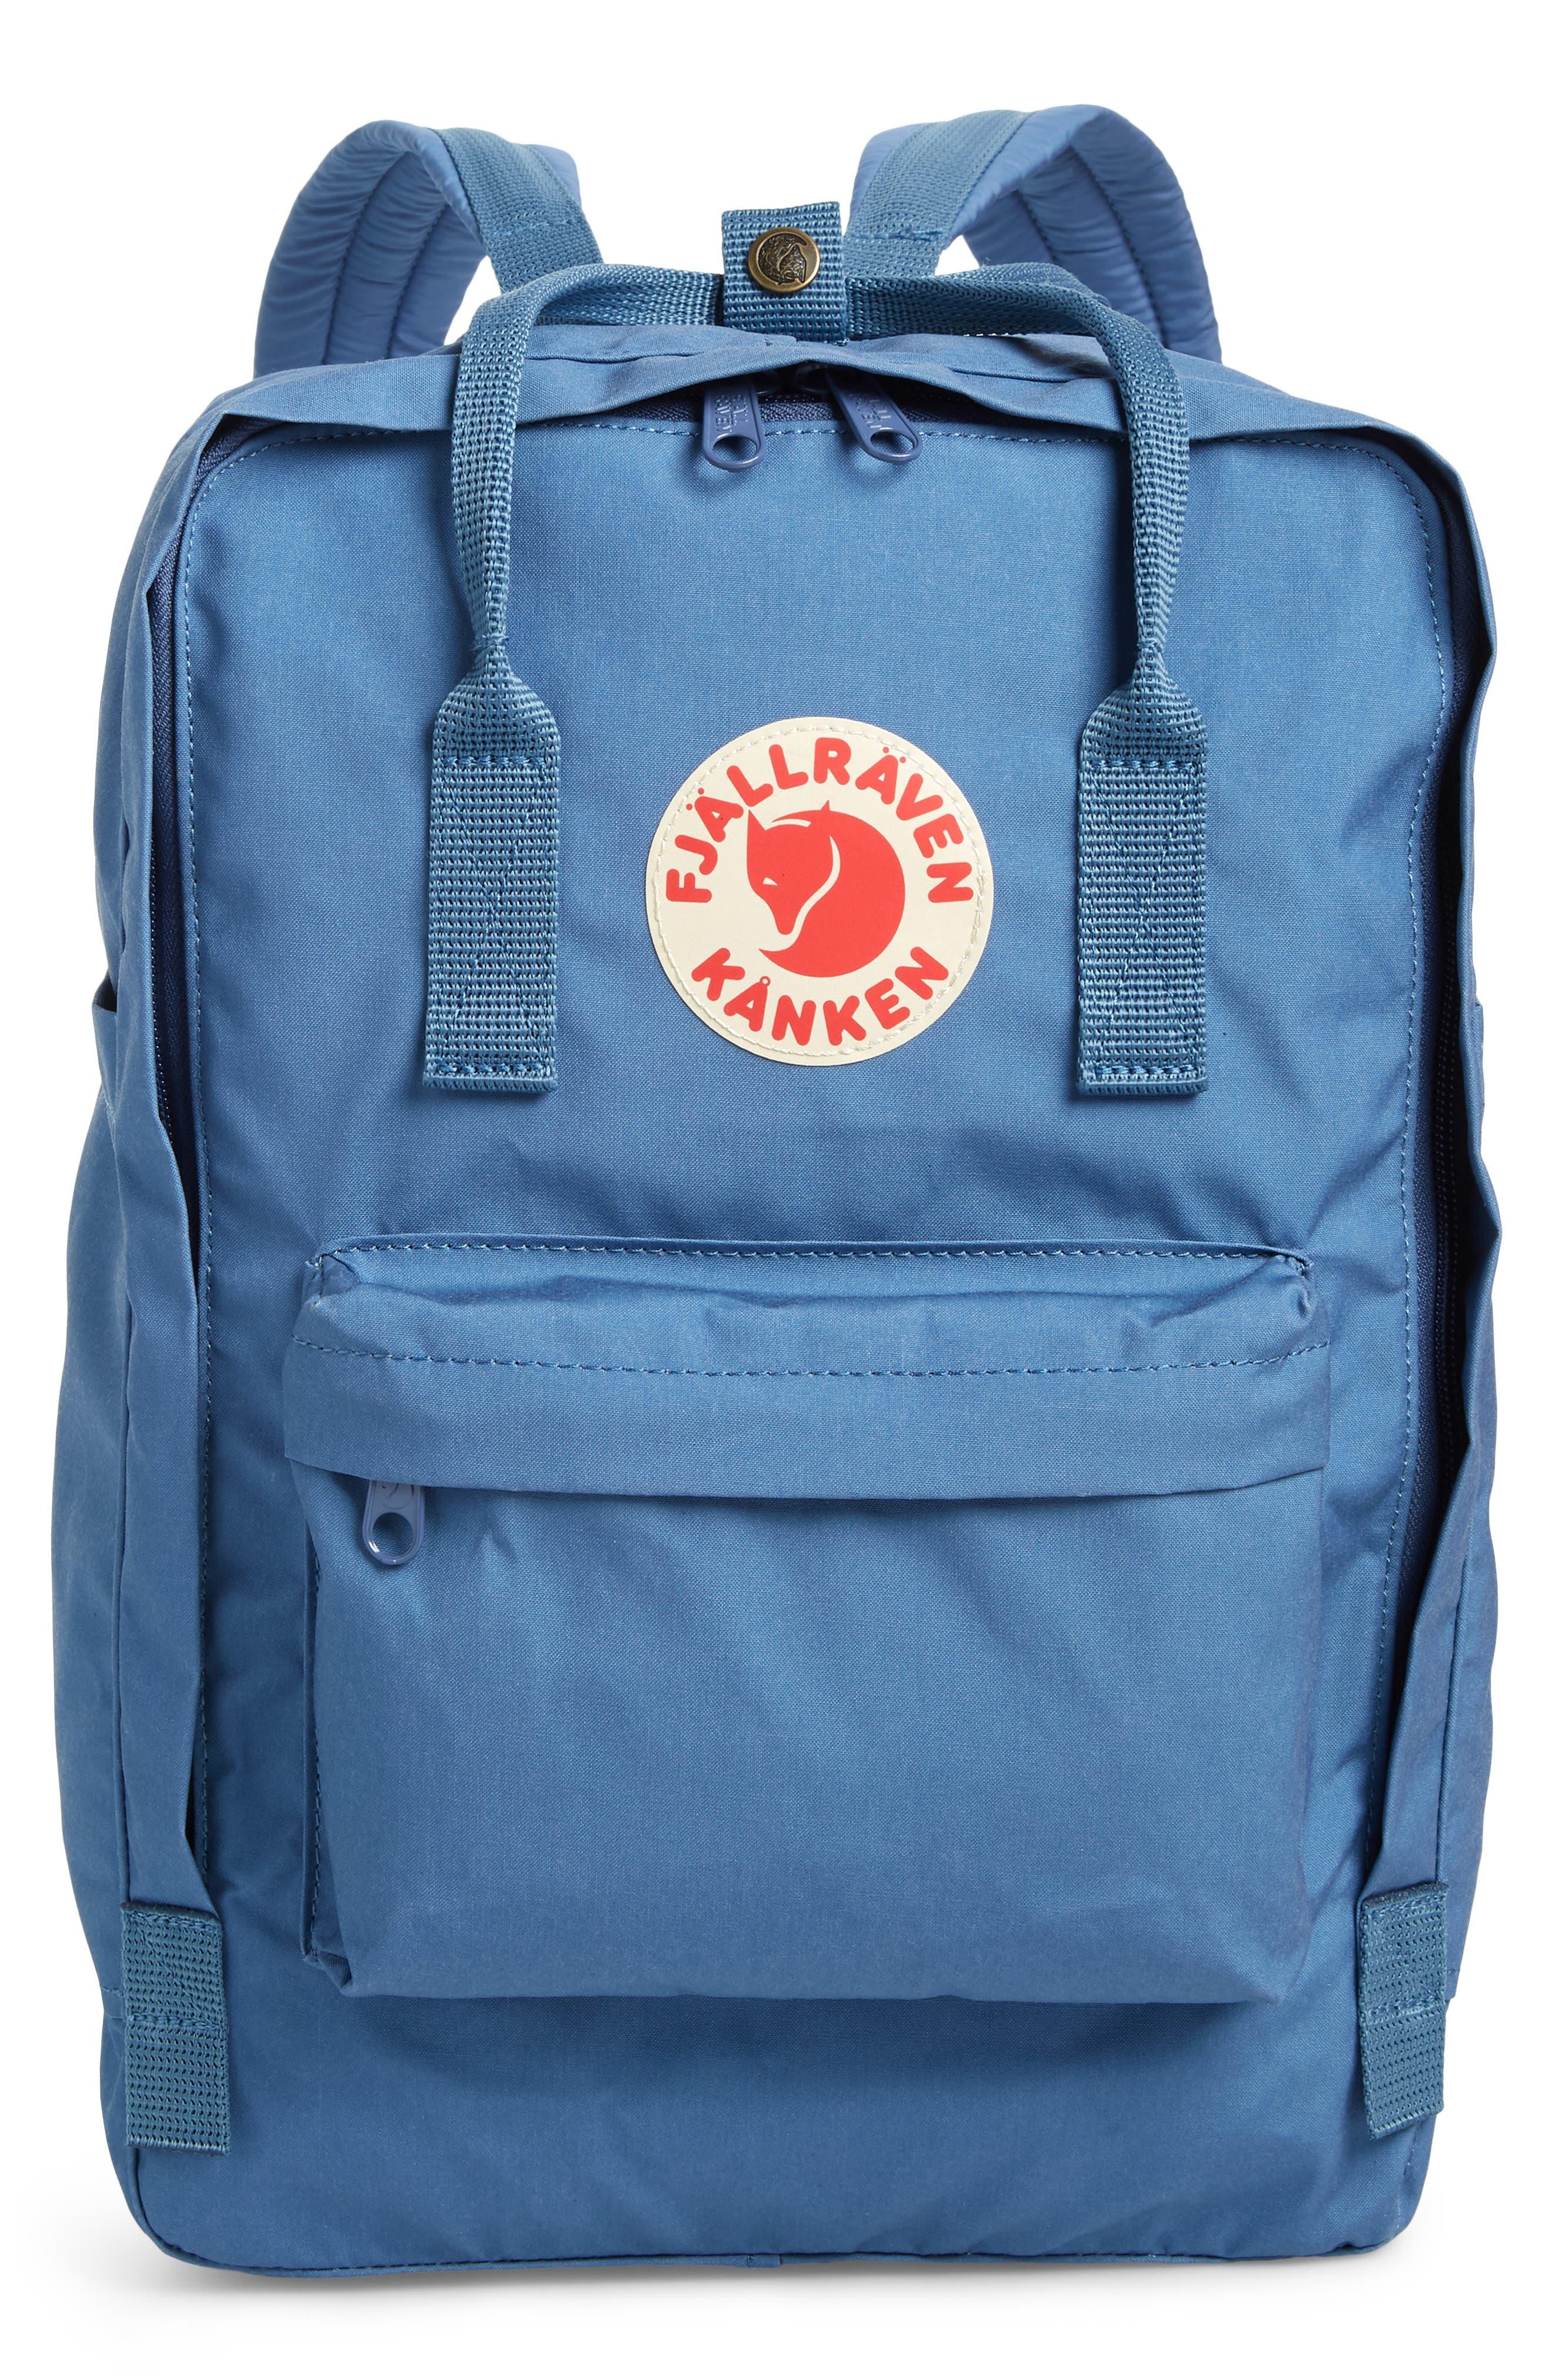 b66ef6c4736 Women's Red Backpacks | Nordstrom